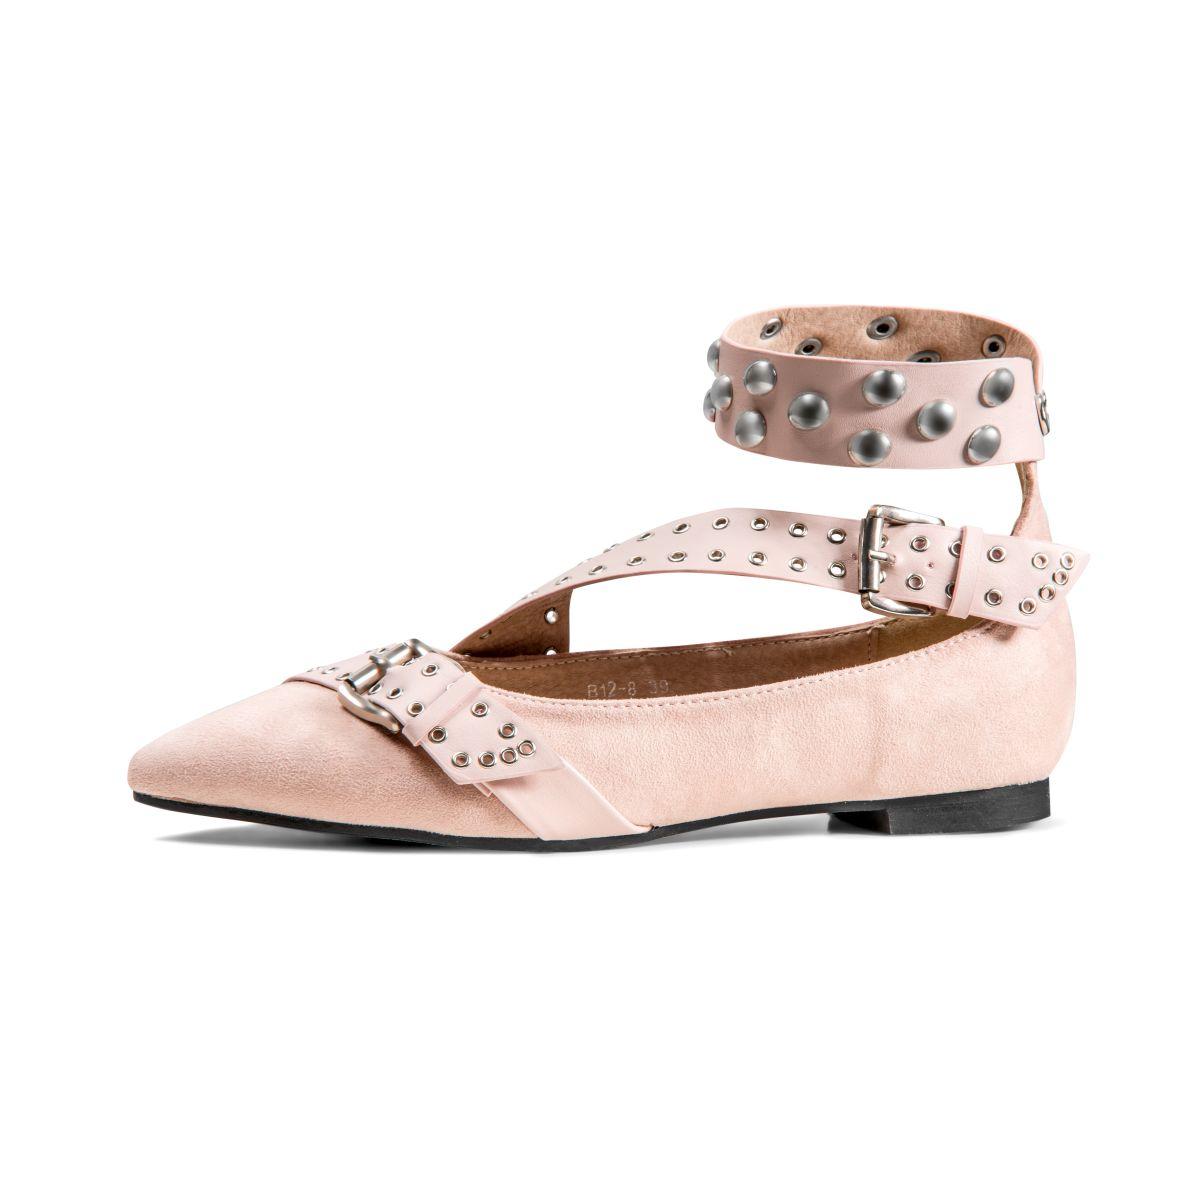 BlogStar: Płaskie czy wysokie? Modne buty na sezon SS 2017 - BlogStar.pl